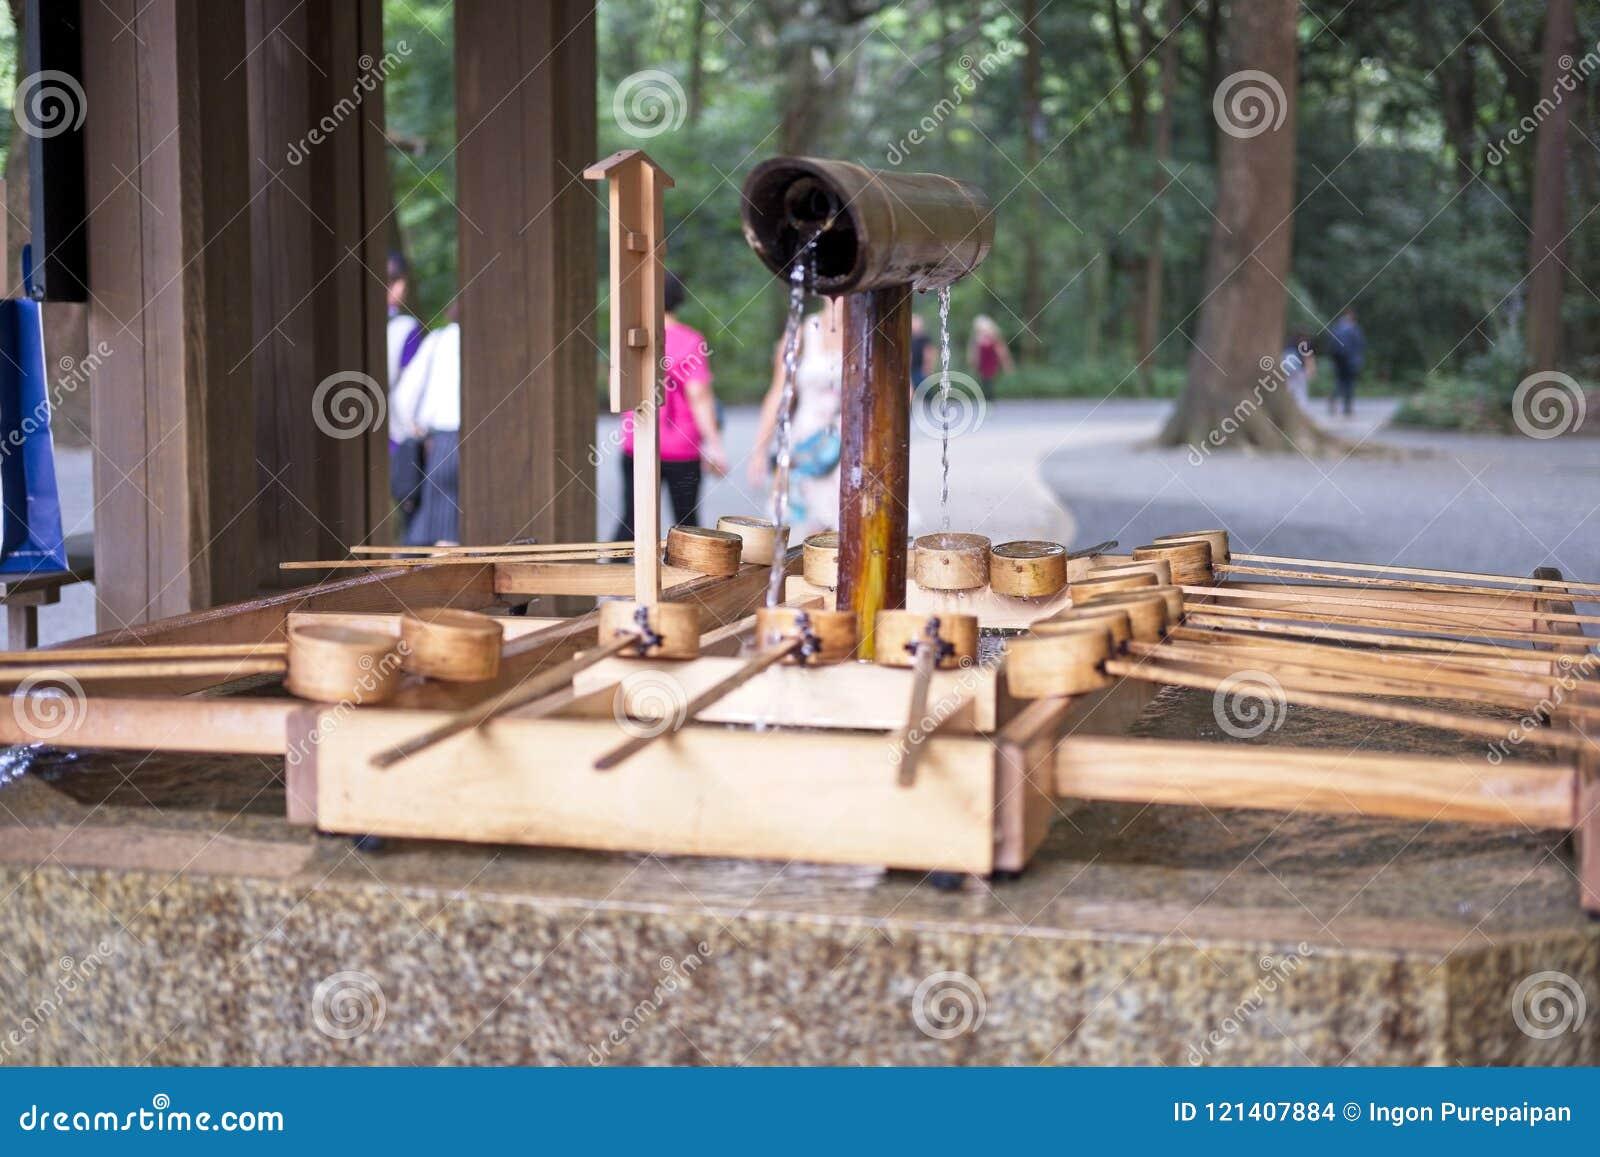 Utilisation en bois de Dipper d épurer le corps avant de visiter un tombeau pour adorer, cet appel dans le temizuya japonais